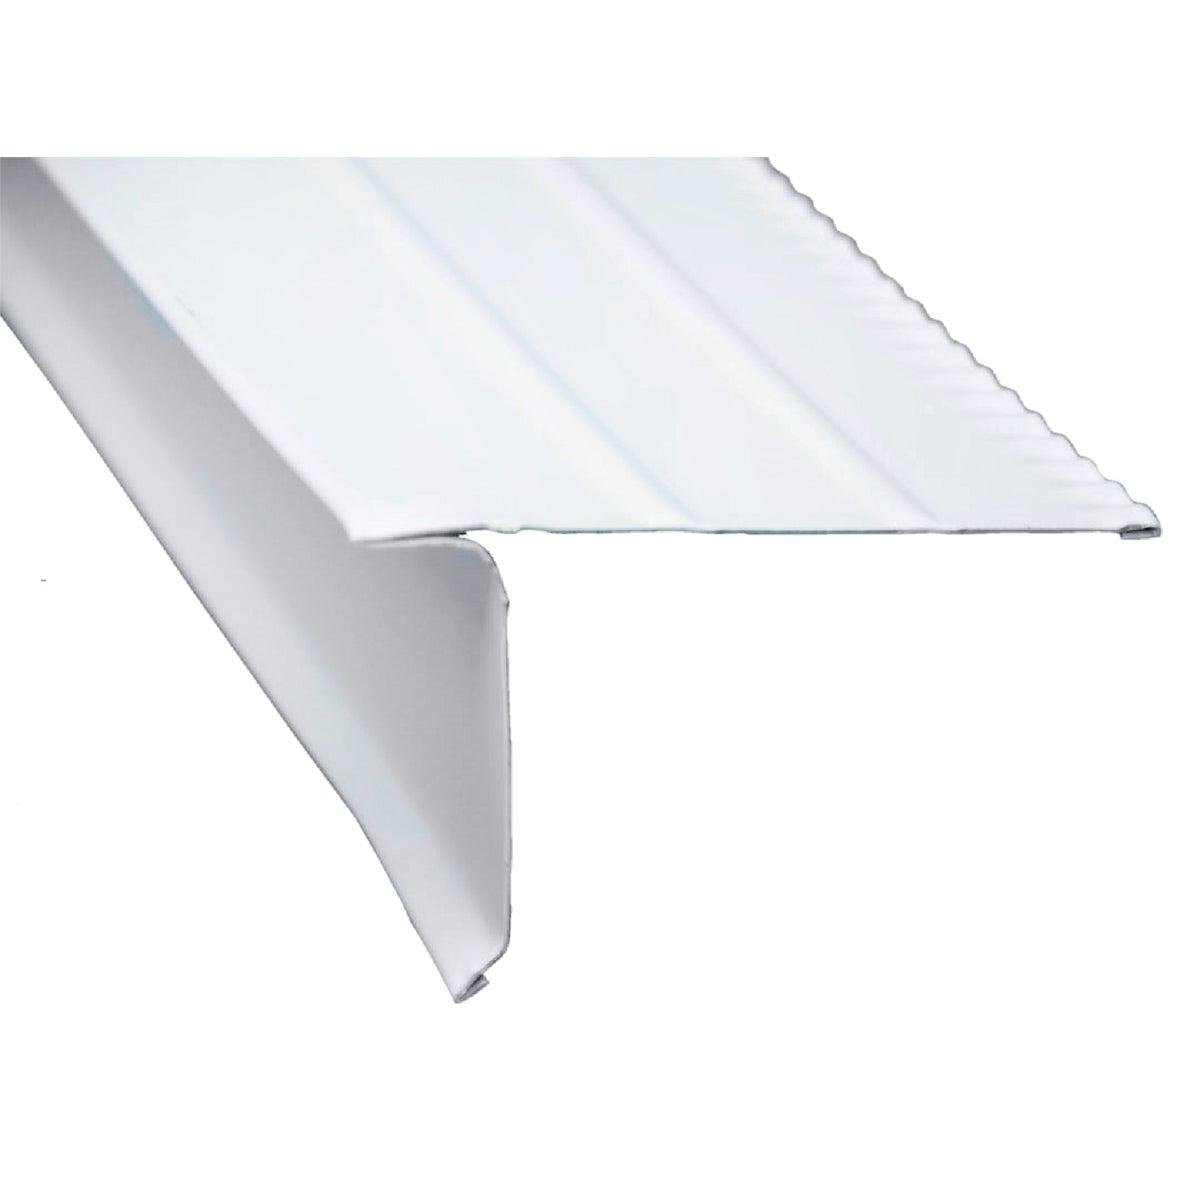 10' White F5M Drip Edge